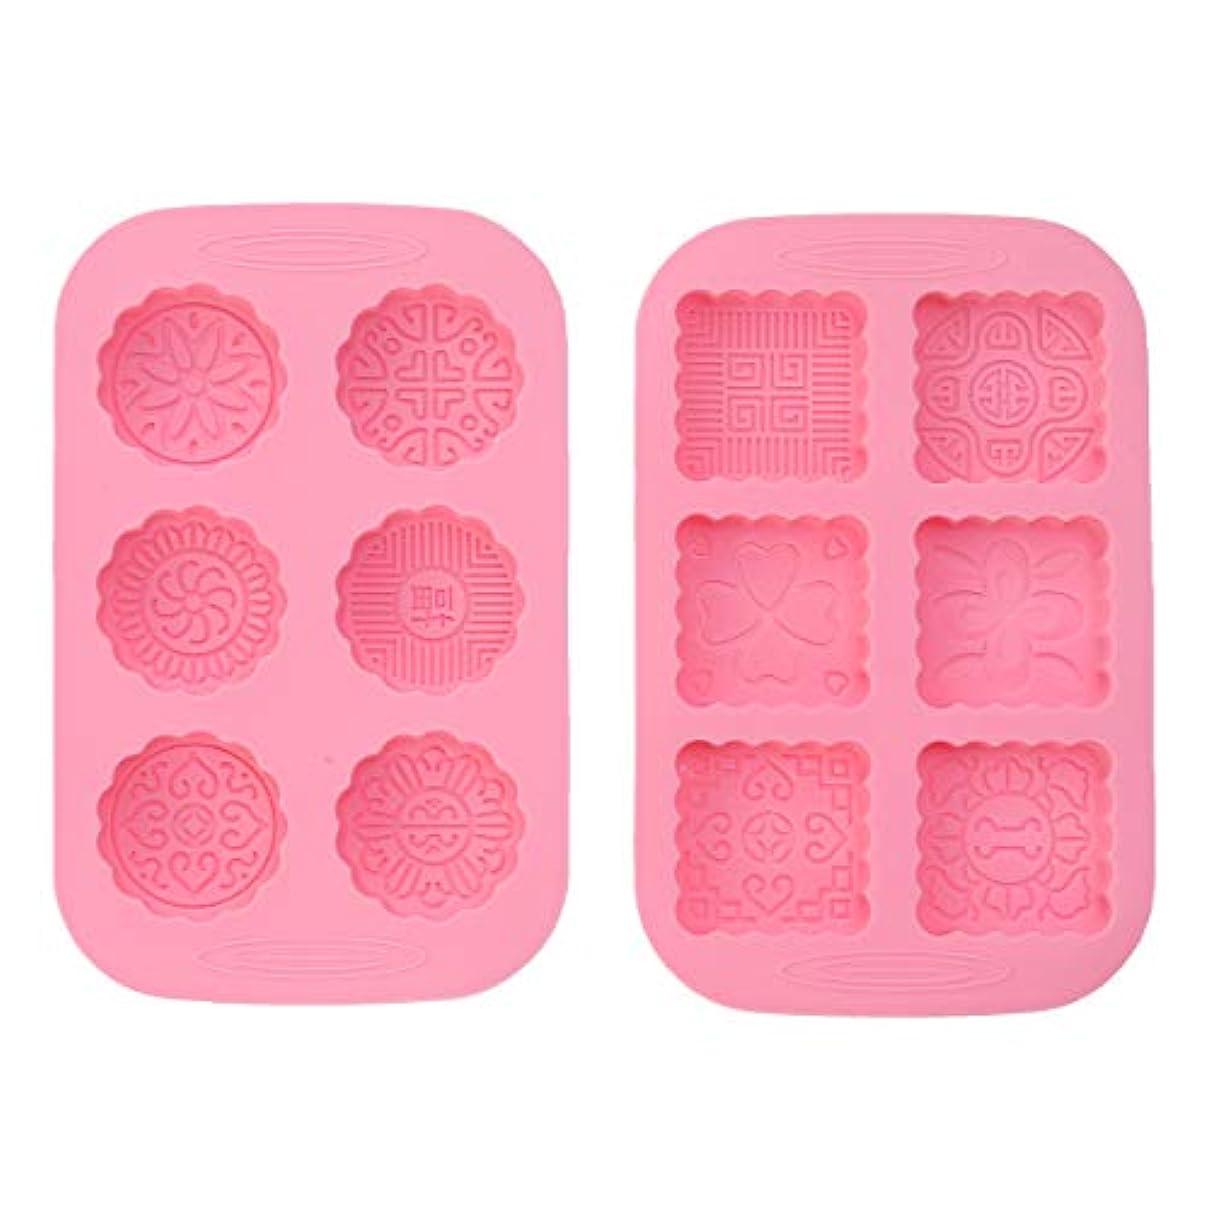 毒液有毒な無許可SUPVOX 2本シリコンケーキマフィンムーンケーキ型花型金型DIYフォンダンショコラキャンディ金型アイスゼリーソープキューブトレイ(ピンク)